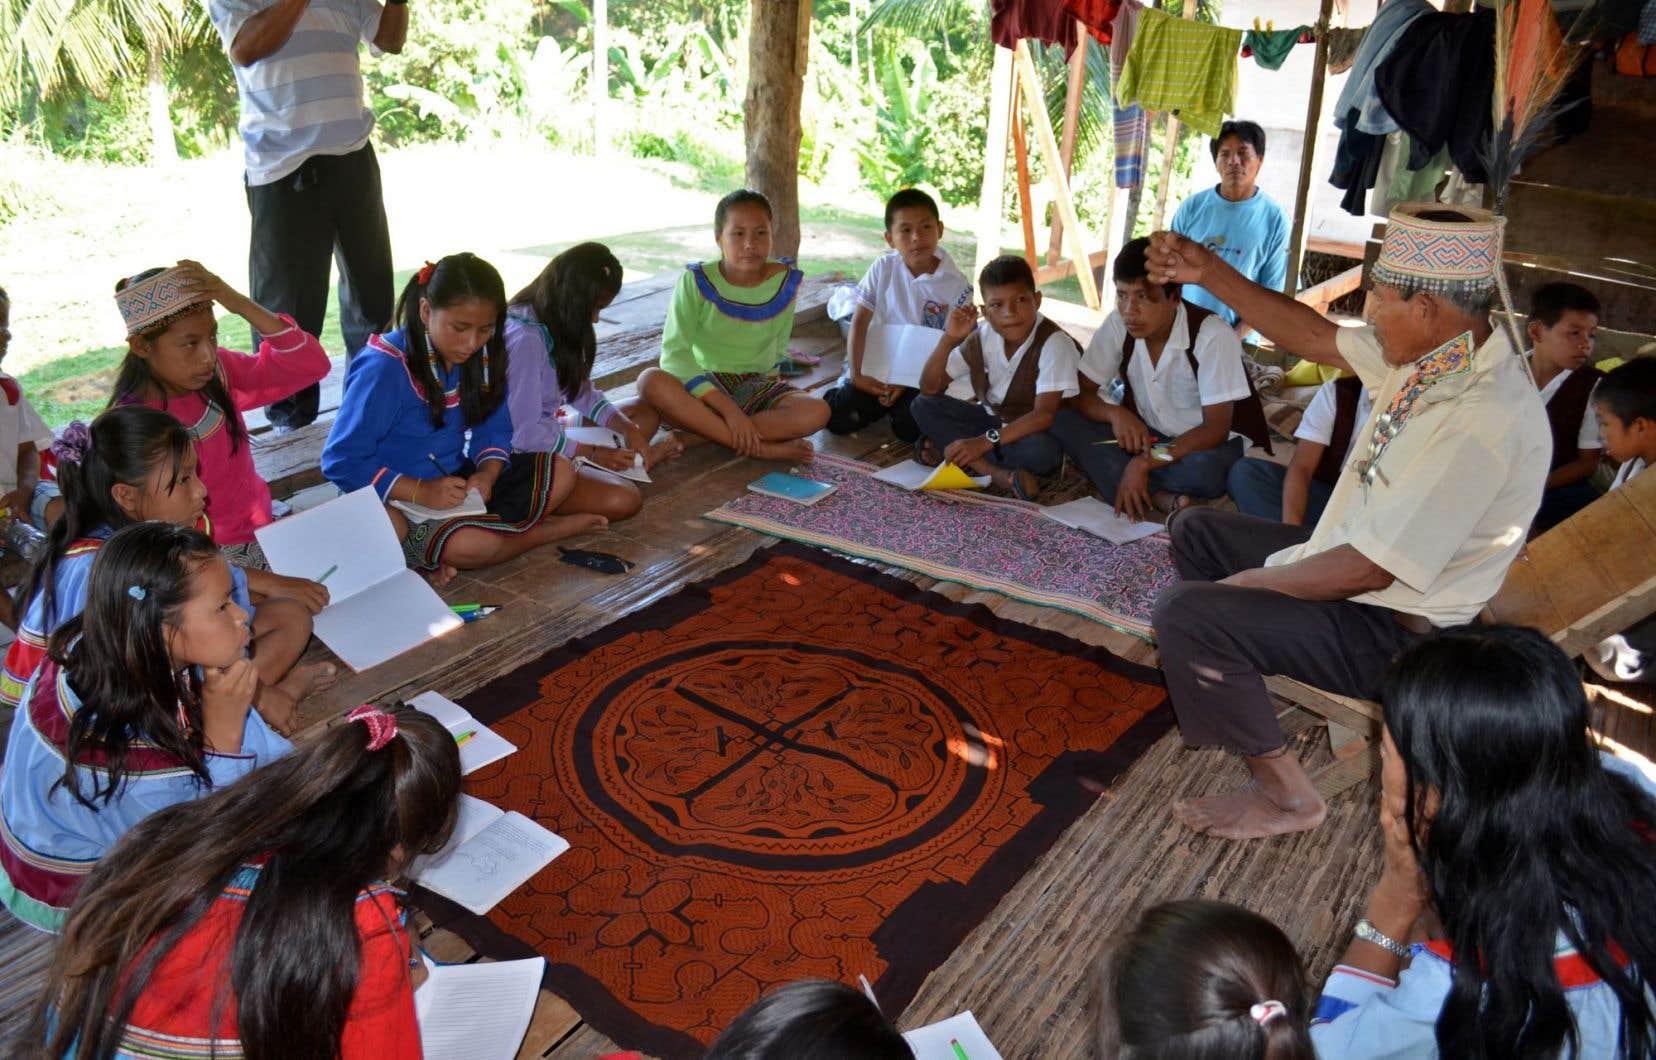 Des enfants amazoniens participent à des activités conçues pour pratiquer leur langue maternelle pour assurer la continuité du patrimoine culturel à Tingo Maria, au Pérou.